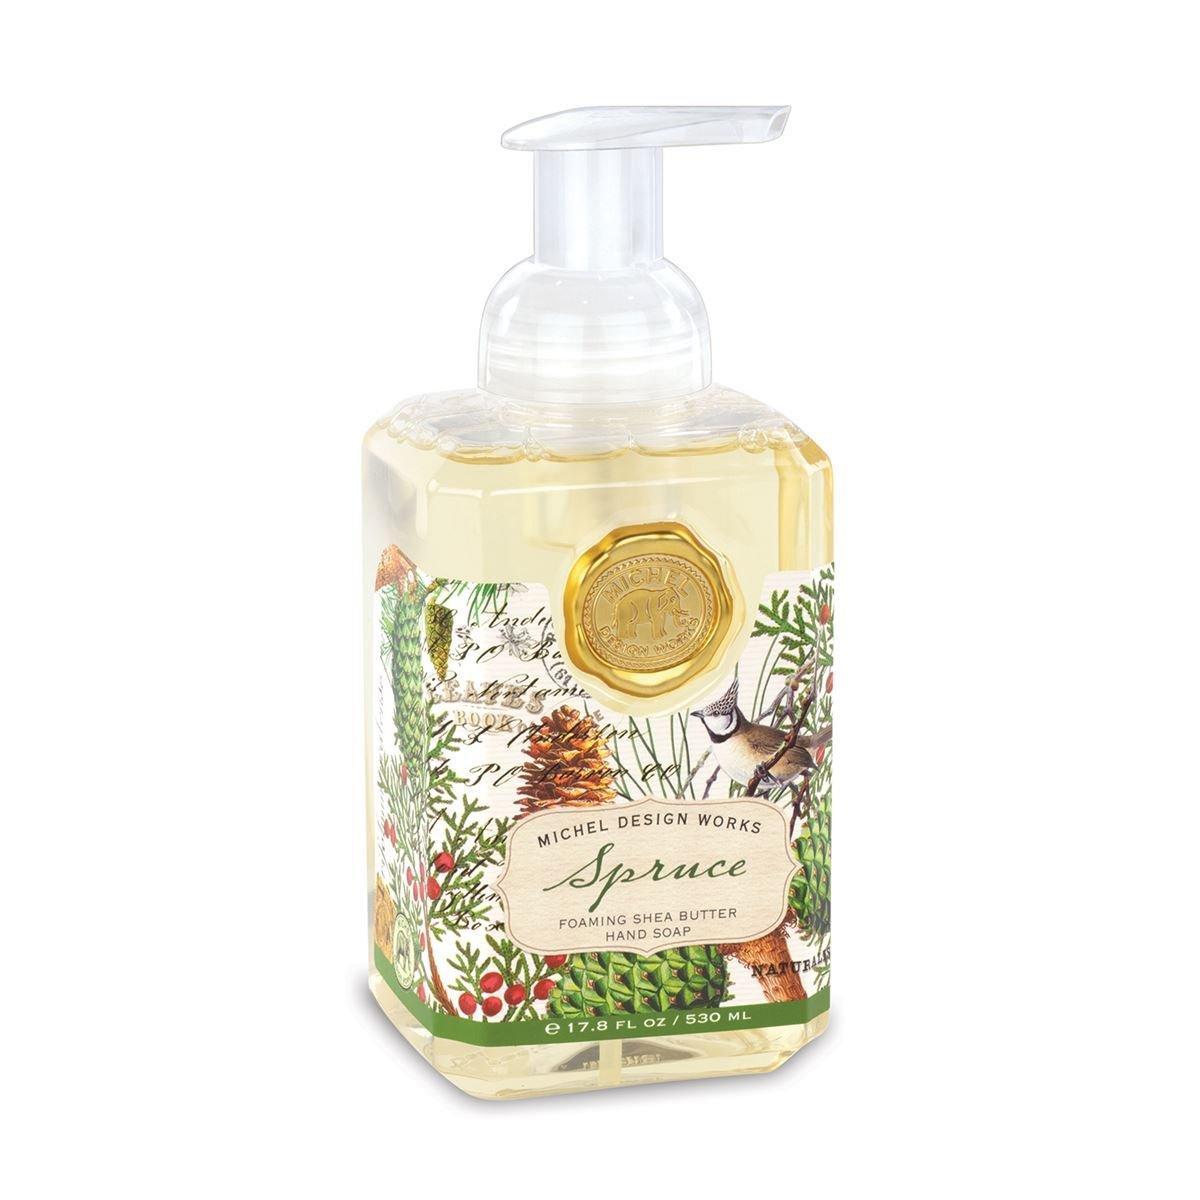 Spruce Foaming Hand Soap